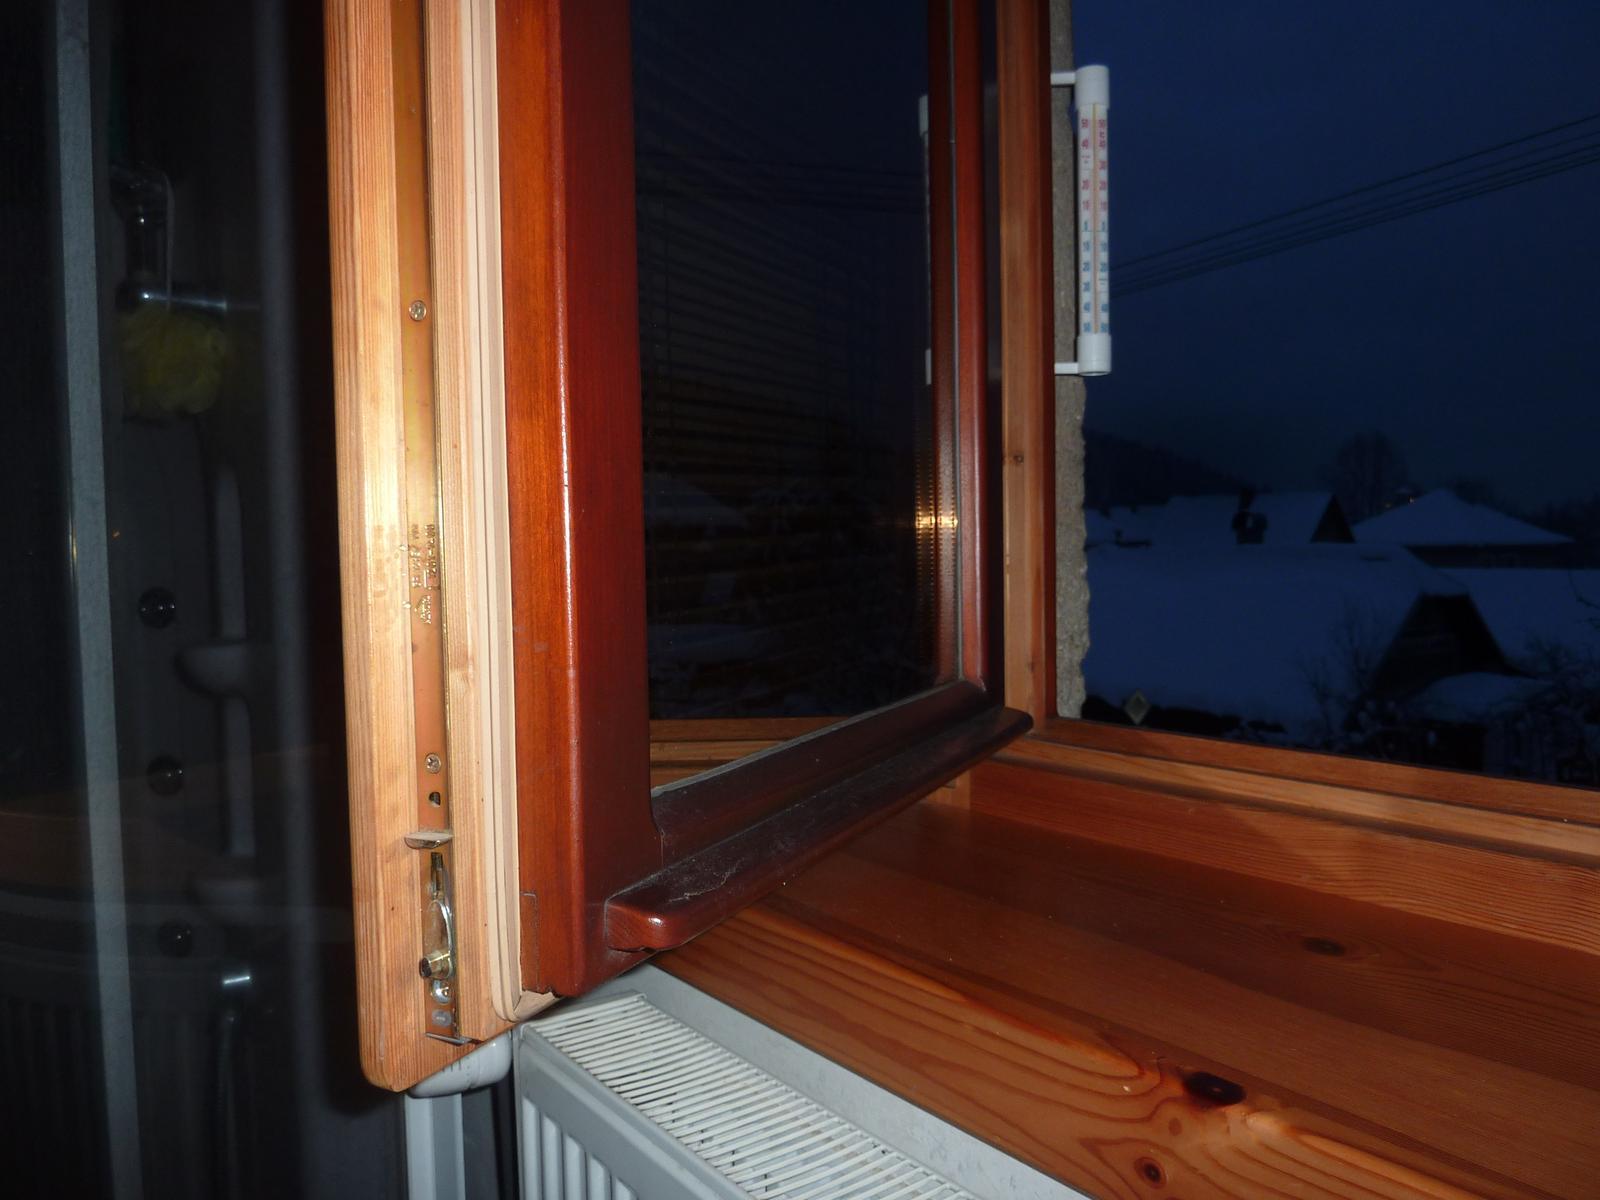 Moja praca, moja radost - A toto je fotka, škoda že som ten spodok okna neumyl čo som teraz odfotil ako reakciu  na tie nezmysly čo tu plastari  pišu na drevene okna že ich treba stale natierat a podobne  klamstva.